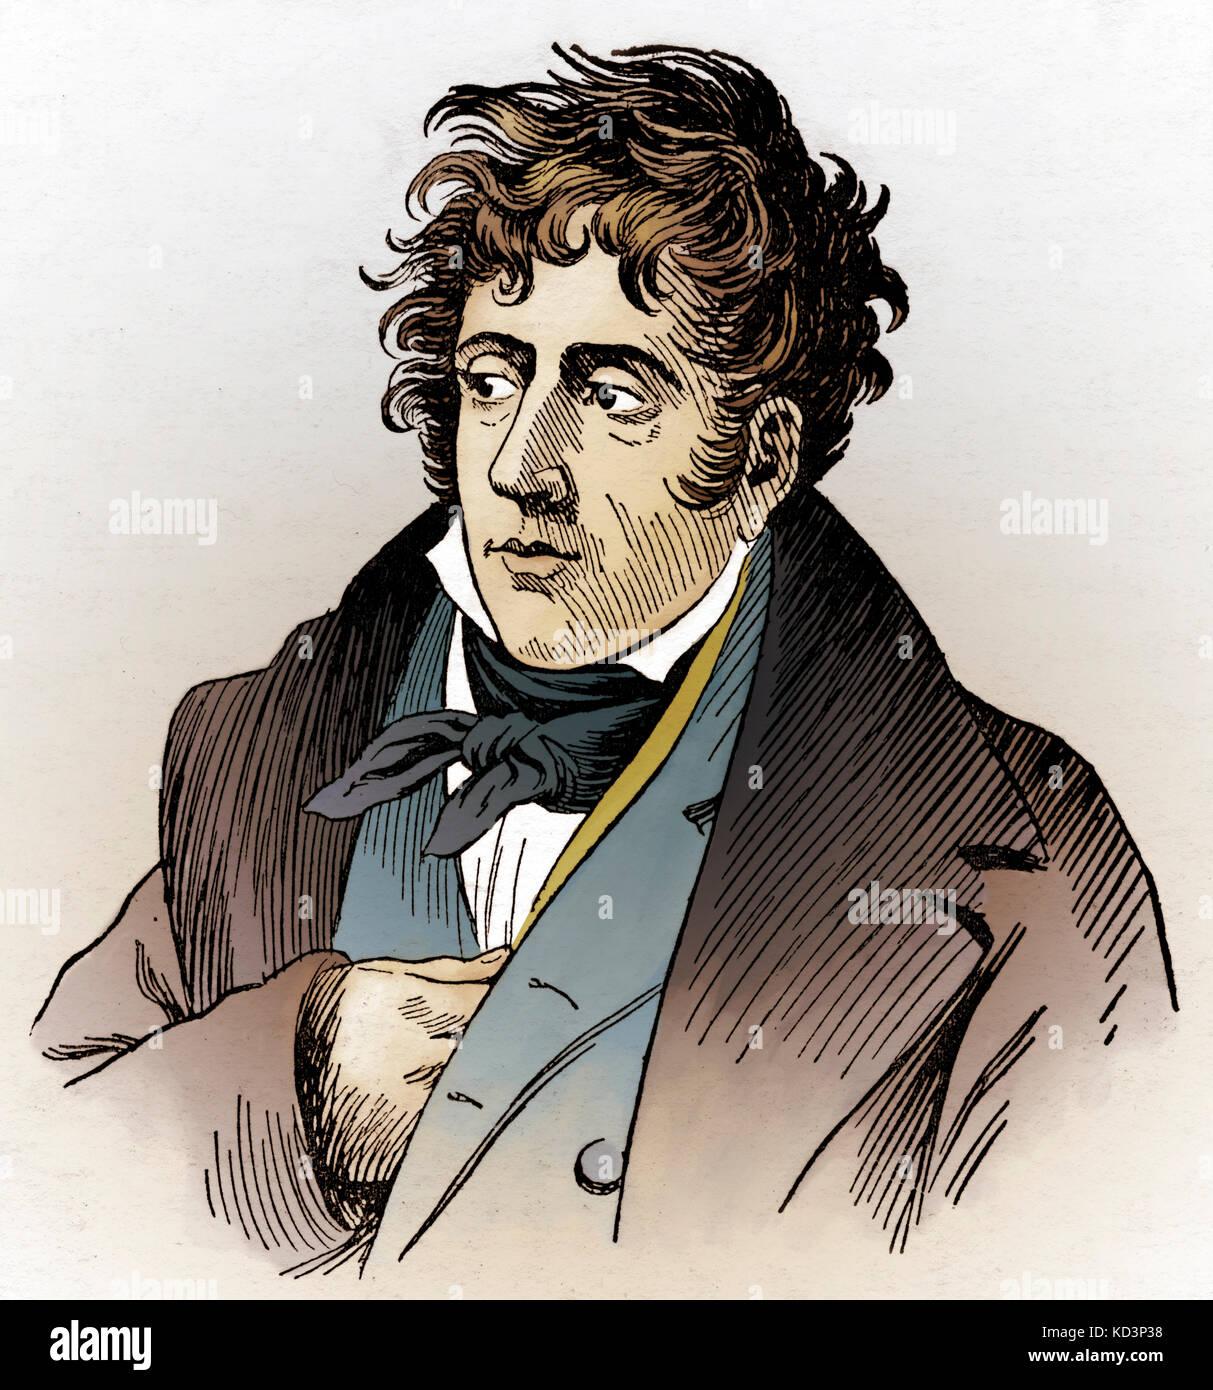 François René, Vicomte de Chateaubriand (4 septembre 1768 - 4 juillet 1848), écrivain, homme politique et diplomate Banque D'Images